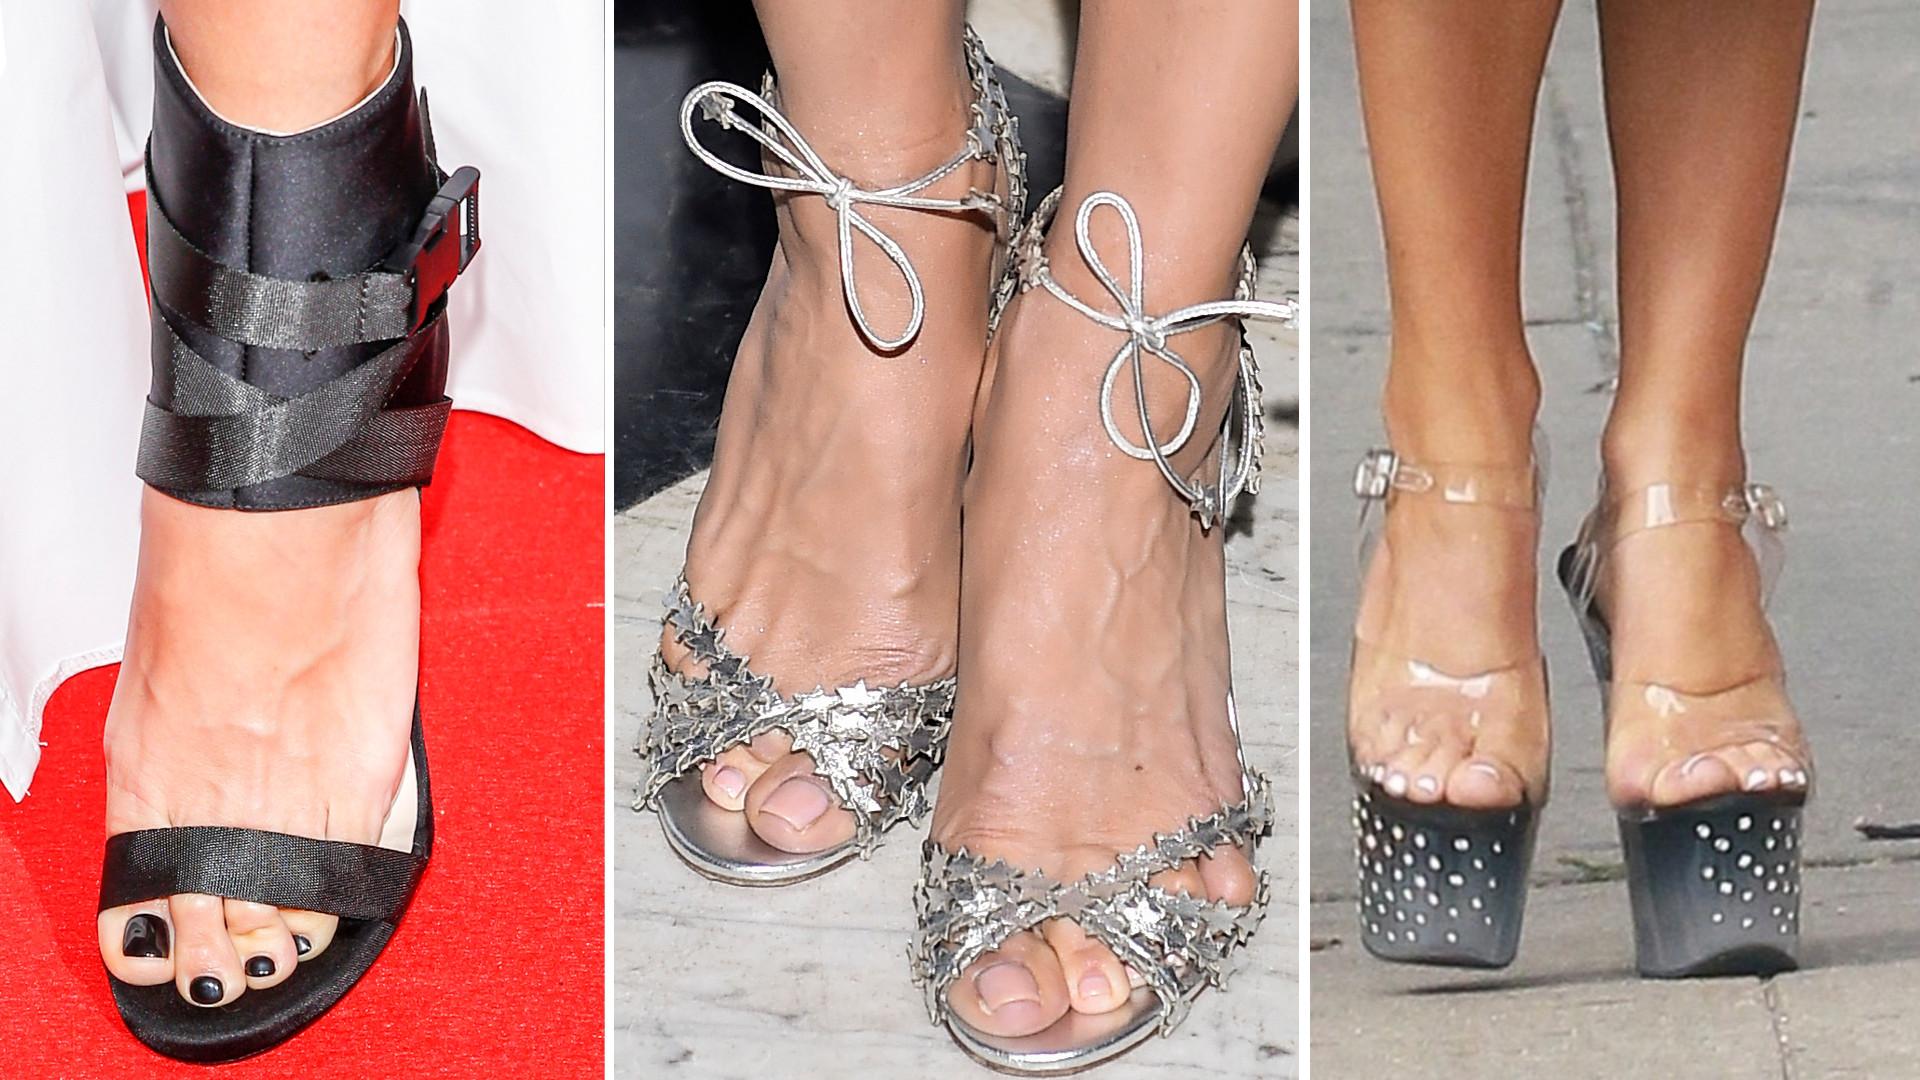 Rozpoznasz gwiazdę po jej butach? Sexy sandałki – kto ma takie styl? SPRAWDŹ SIĘ! (QIUZ)